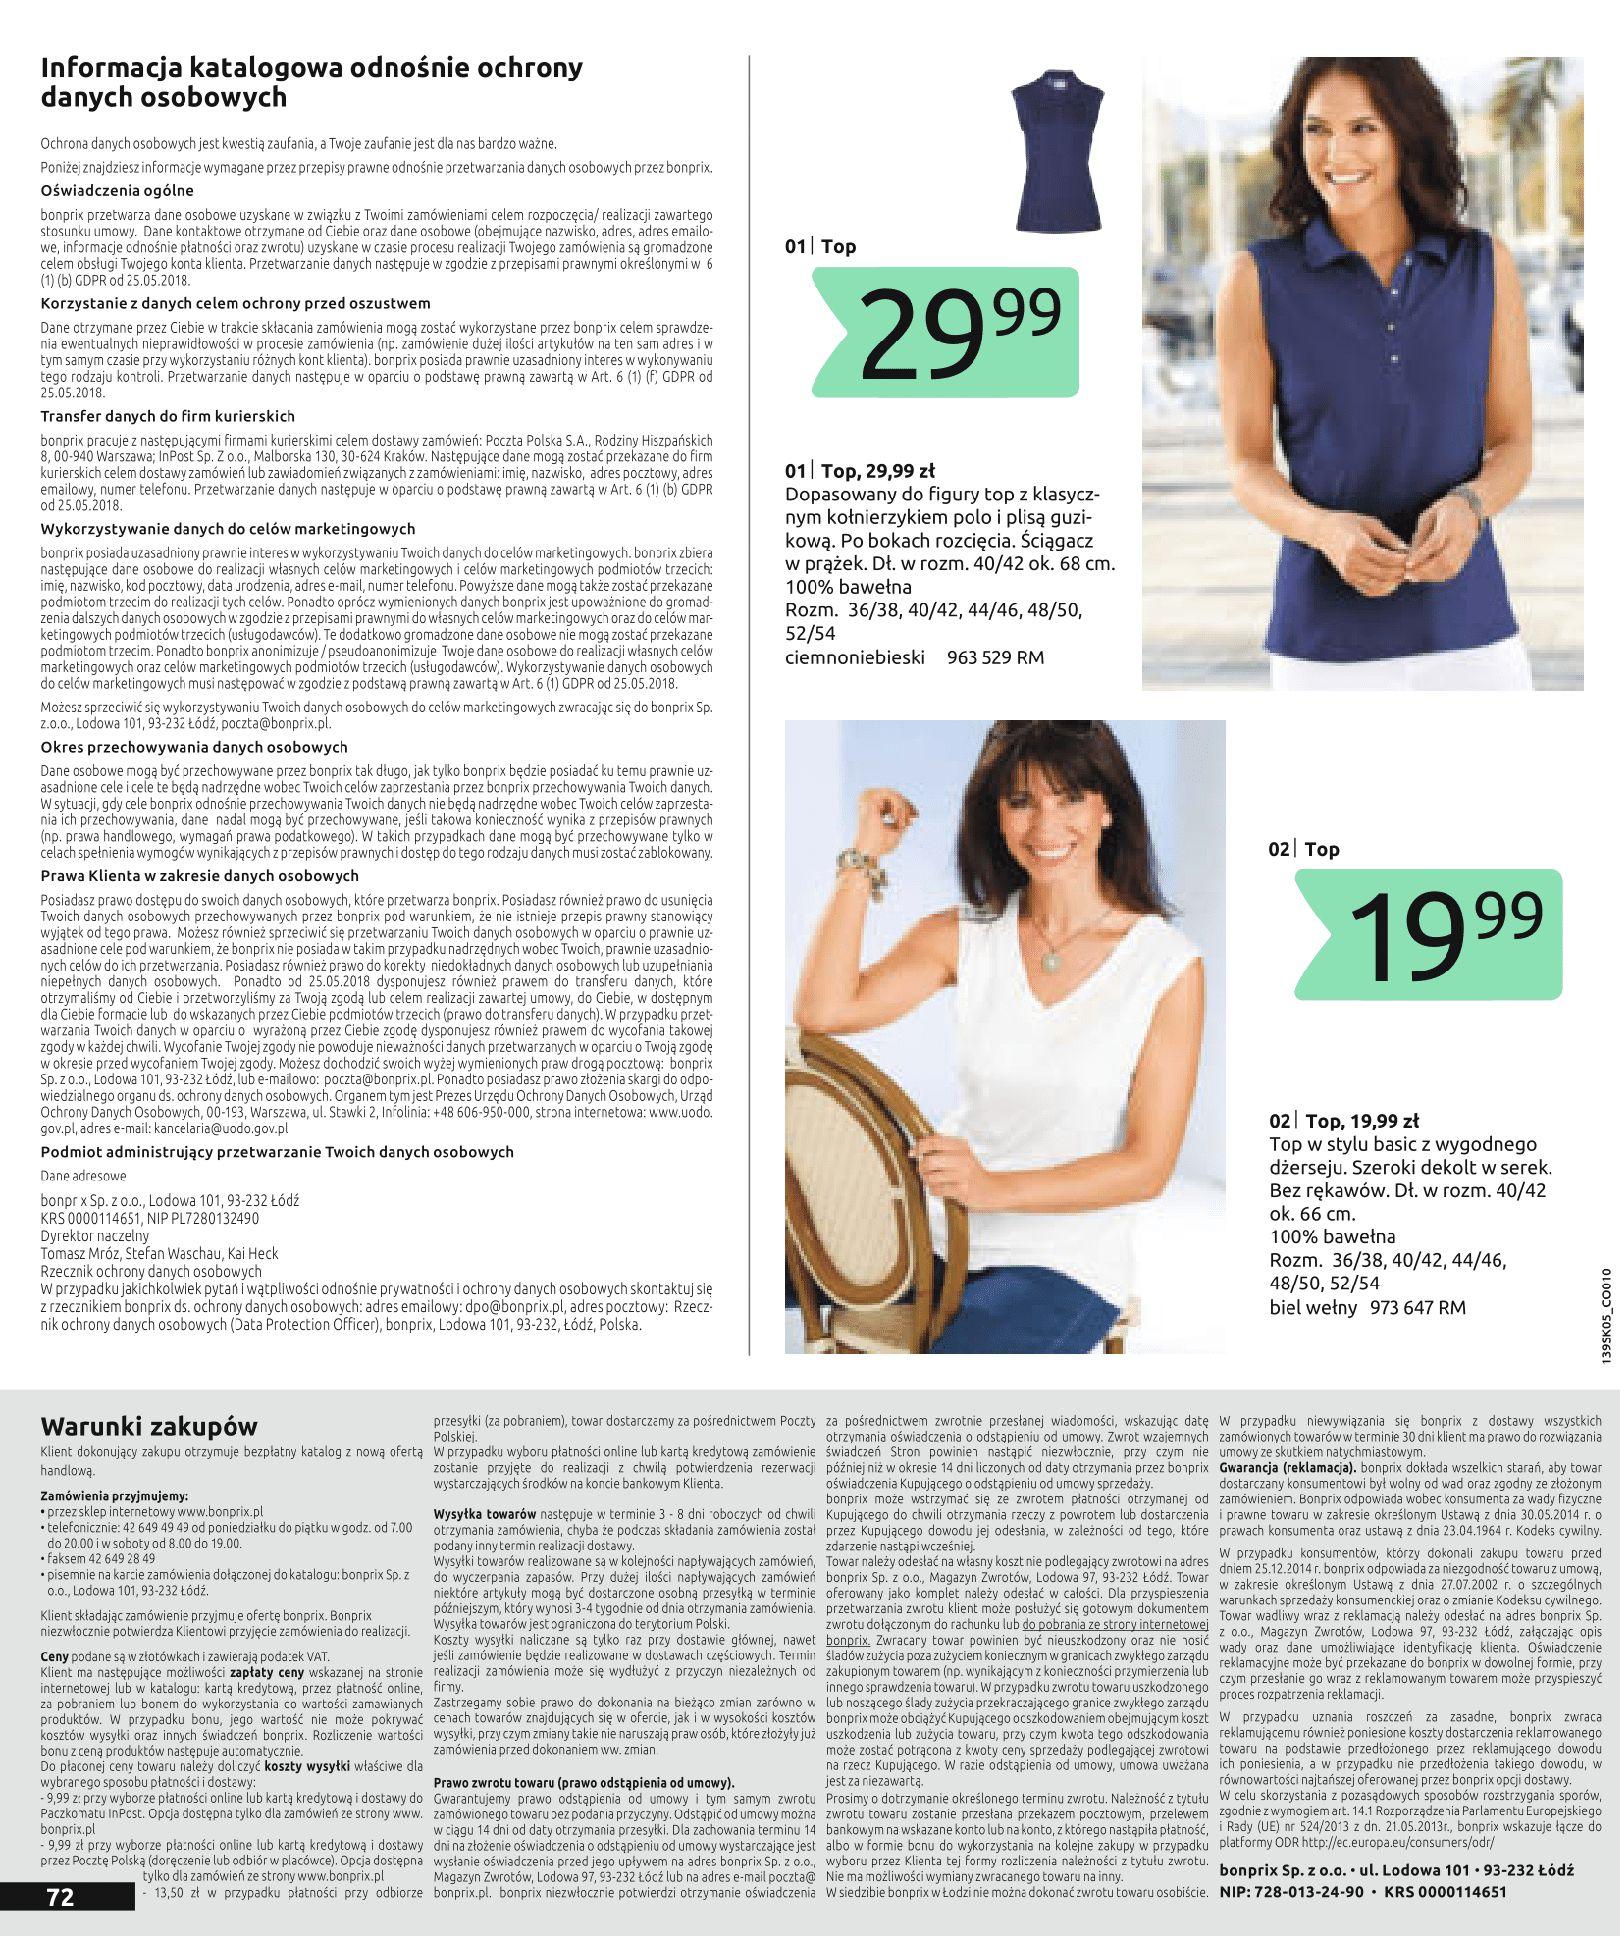 Gazetka Bonprix - Nadchodzi lato!-02.07.2019-20.11.2019-page-74